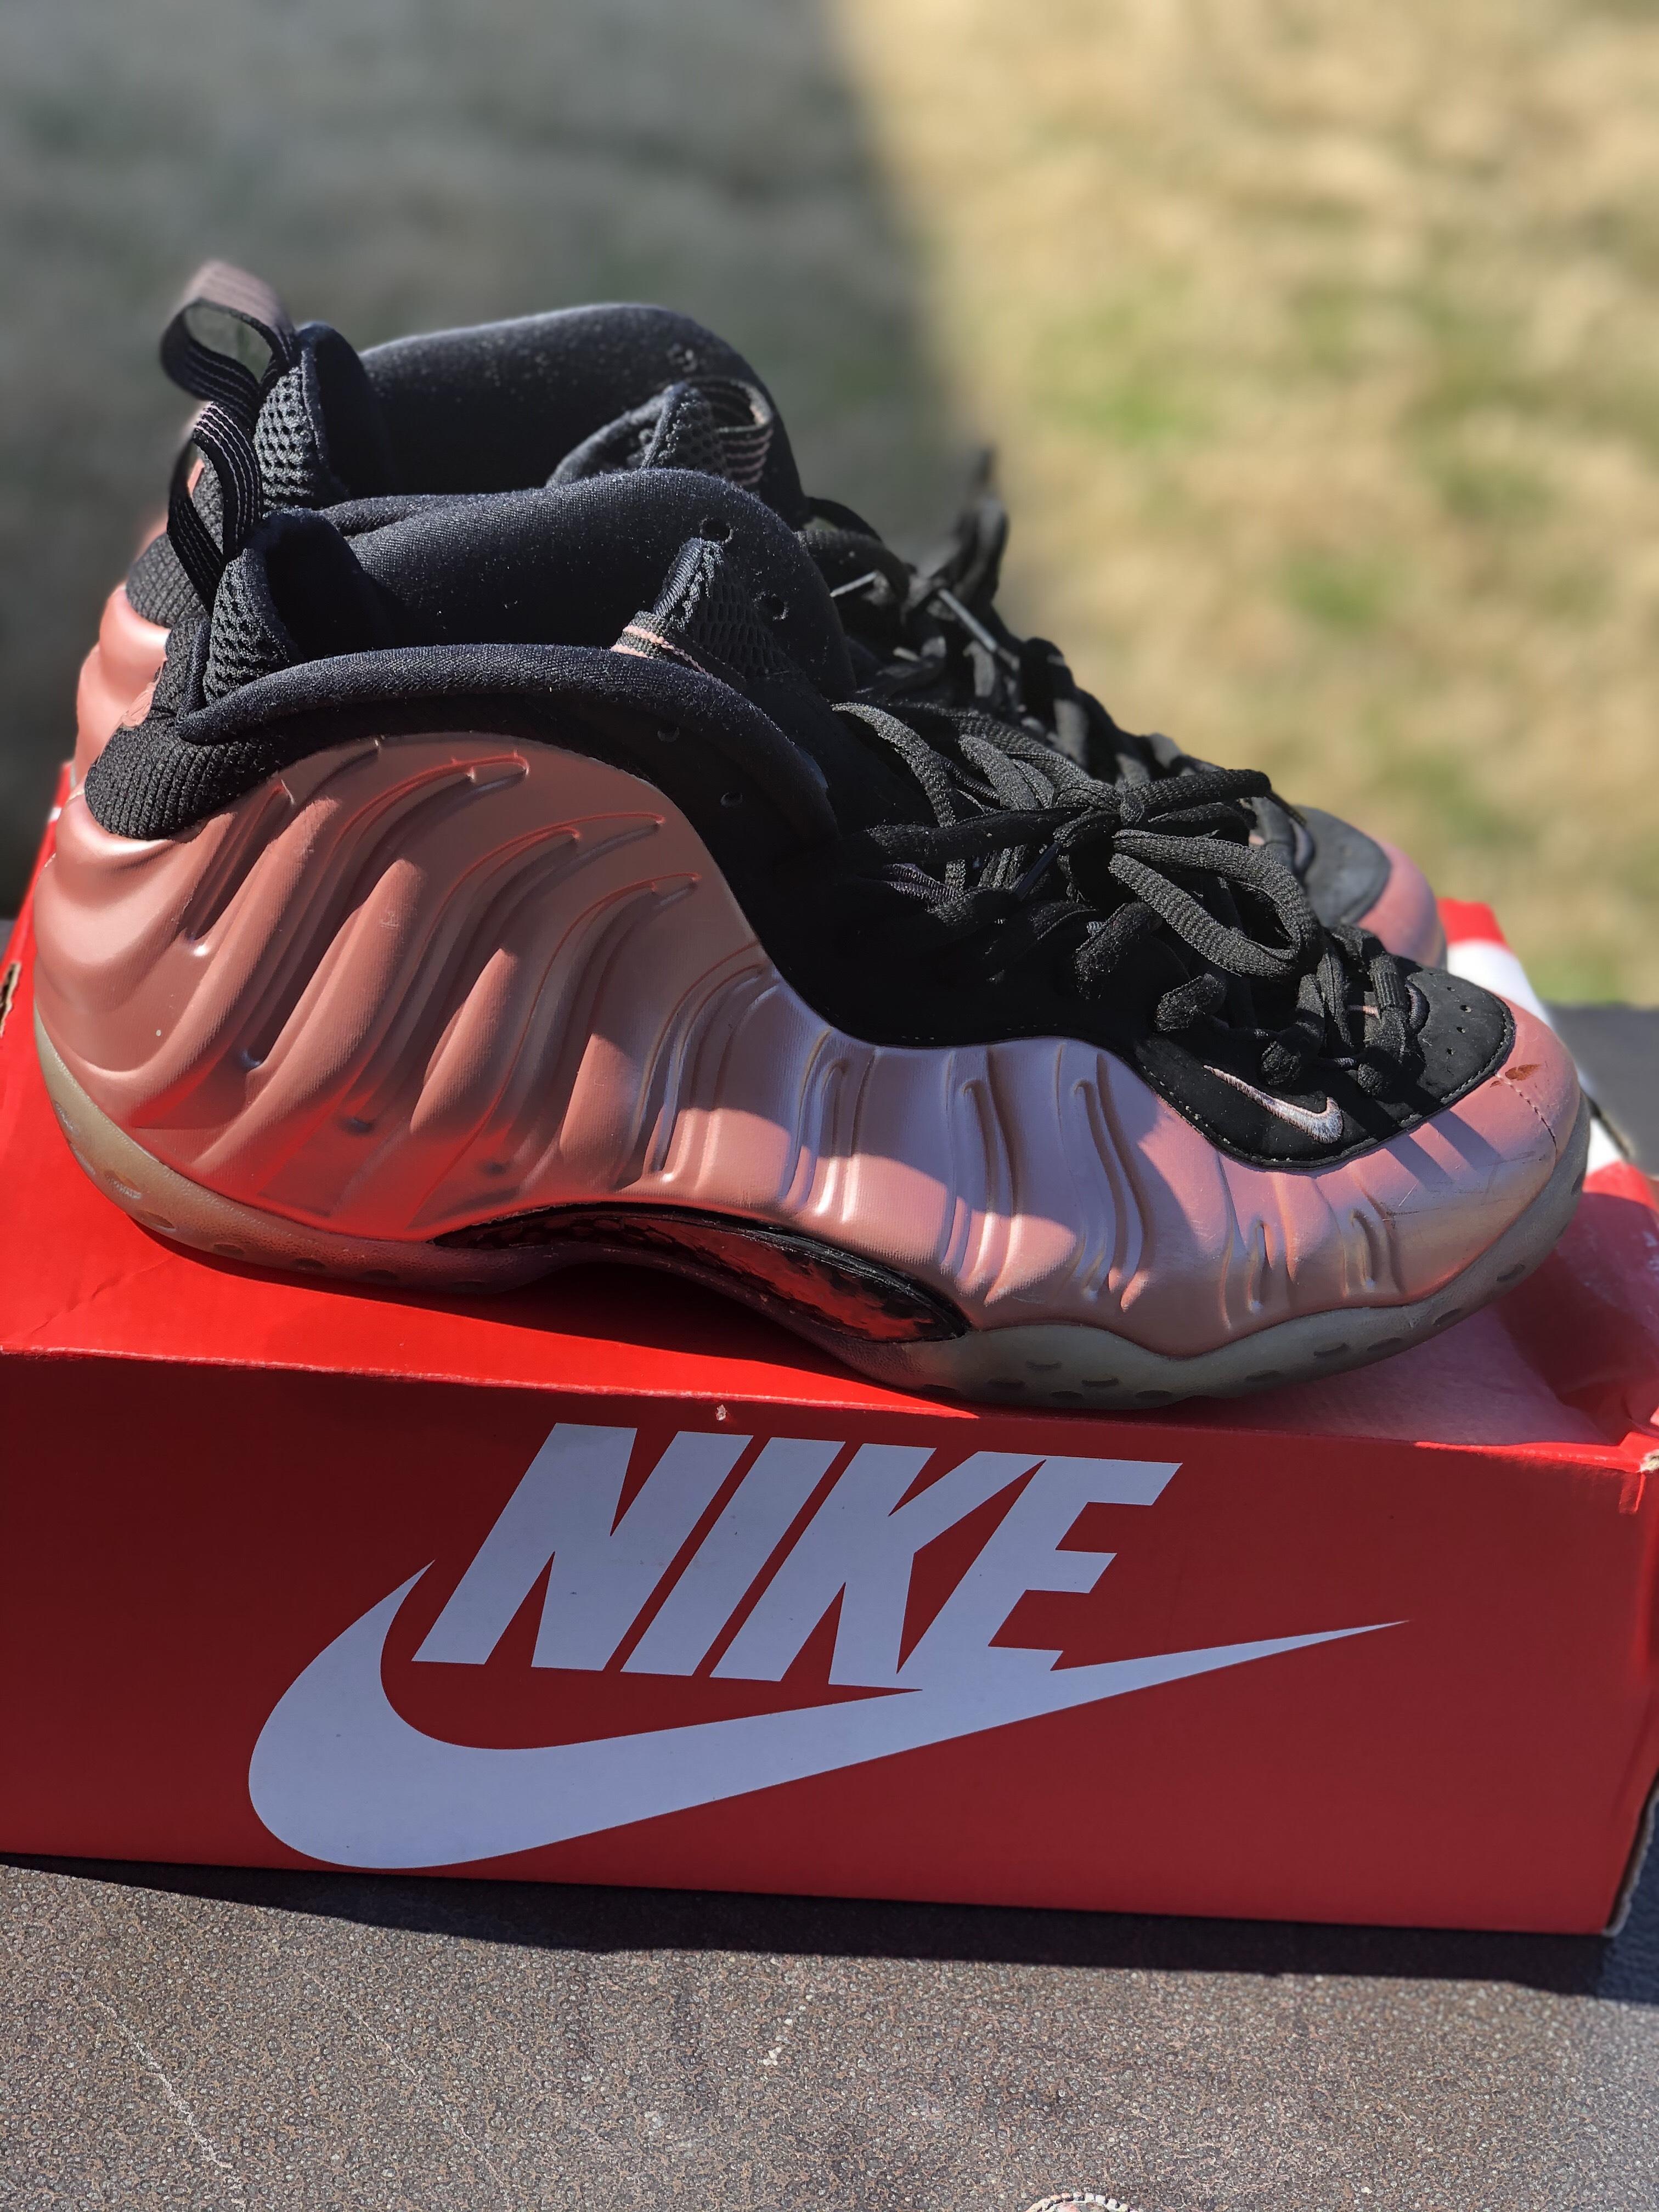 Nike - $140 - Size 11